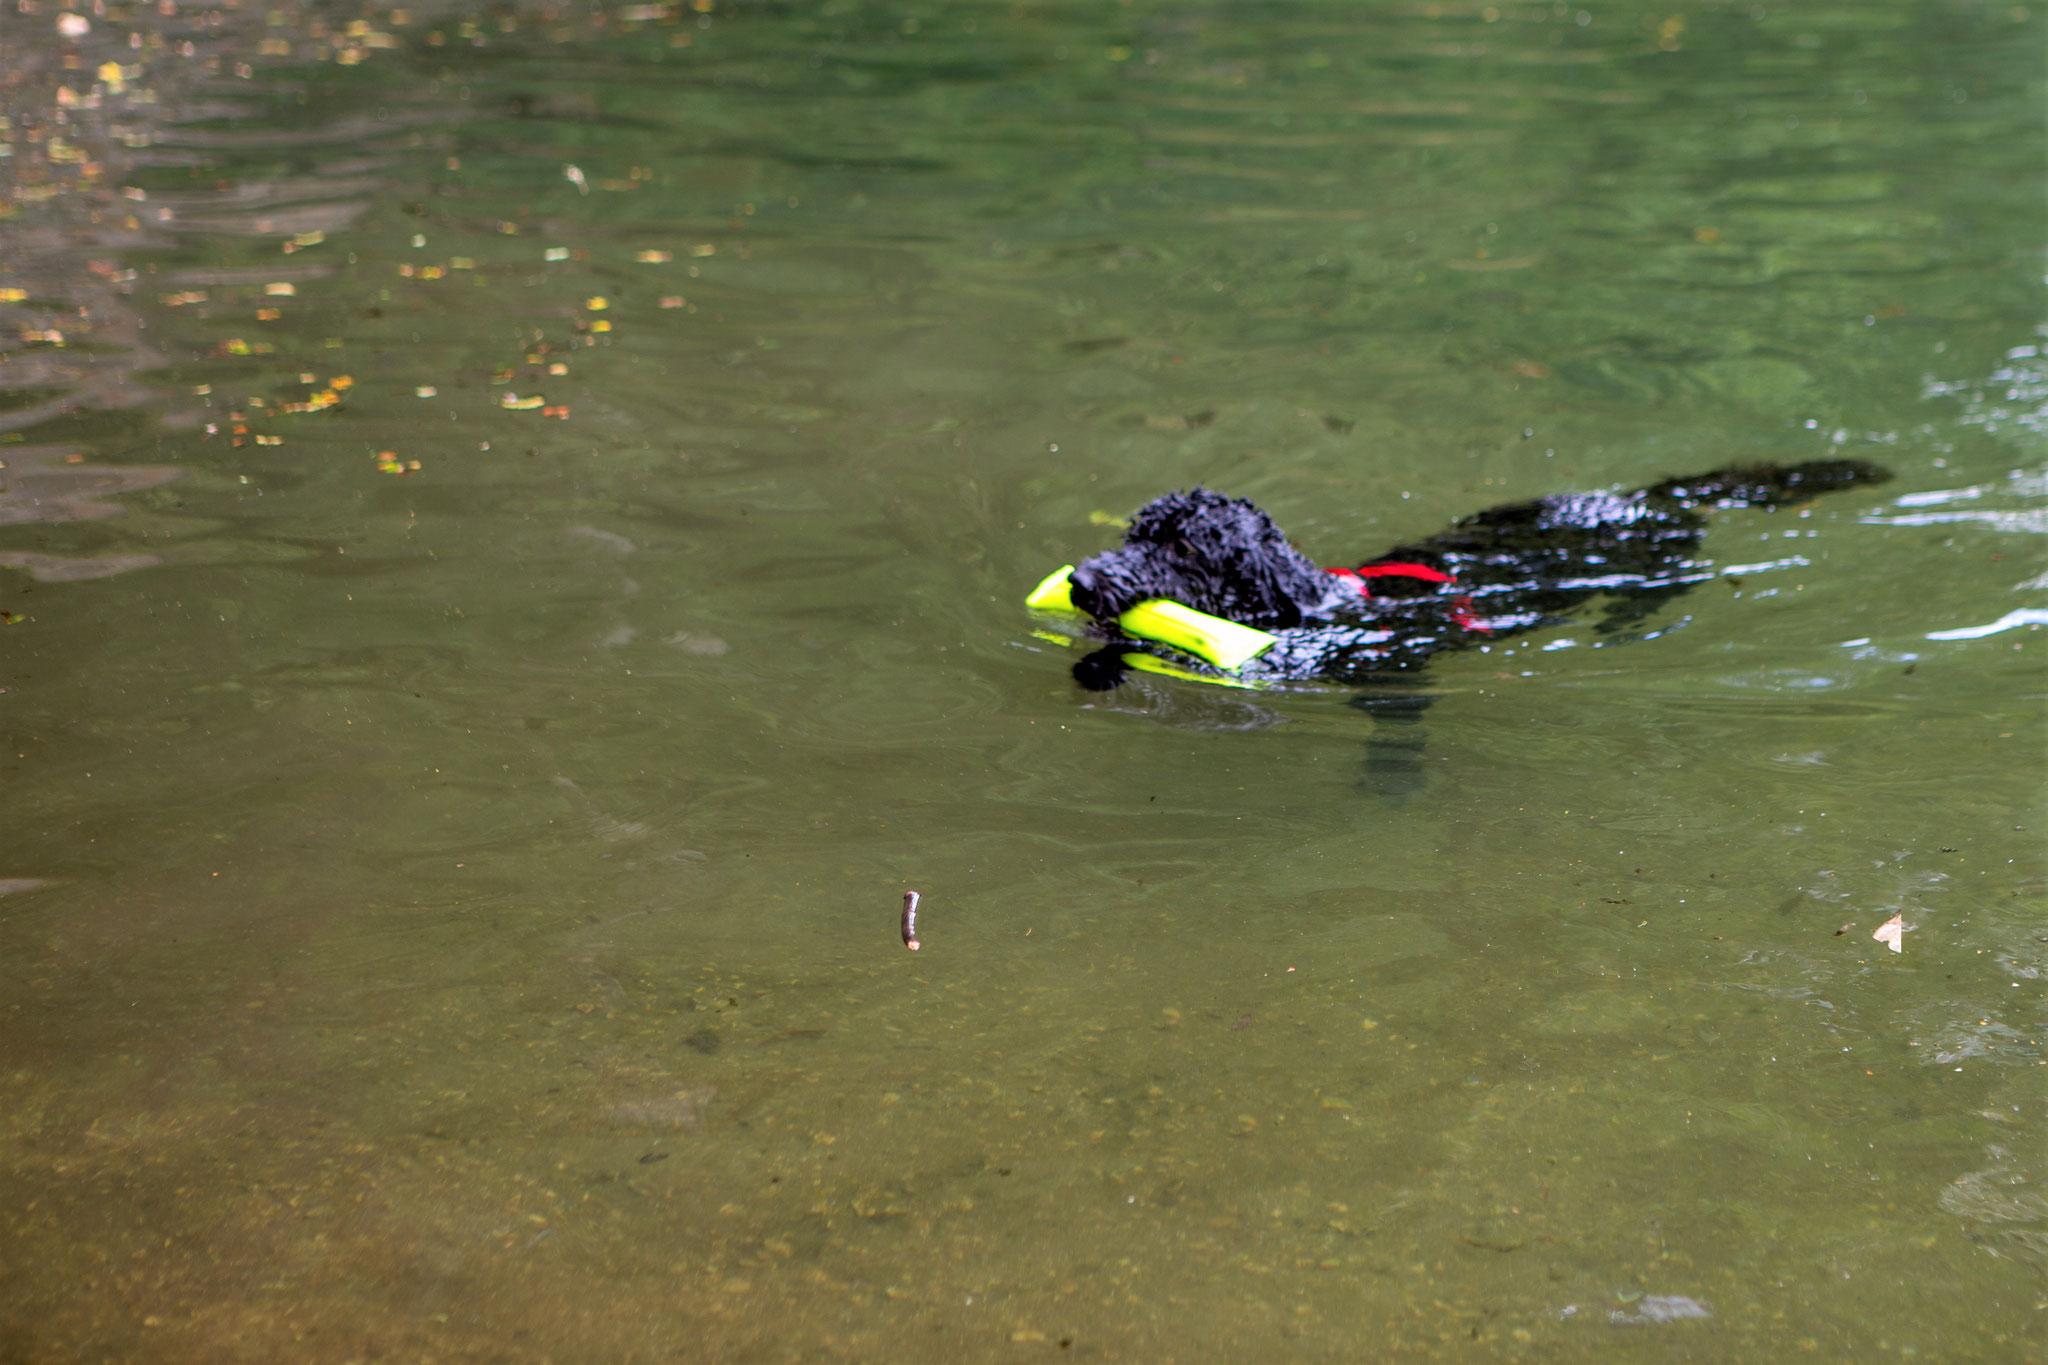 Nach einigen Malen schwimmt sie souverän mit Dummy im Maul ...